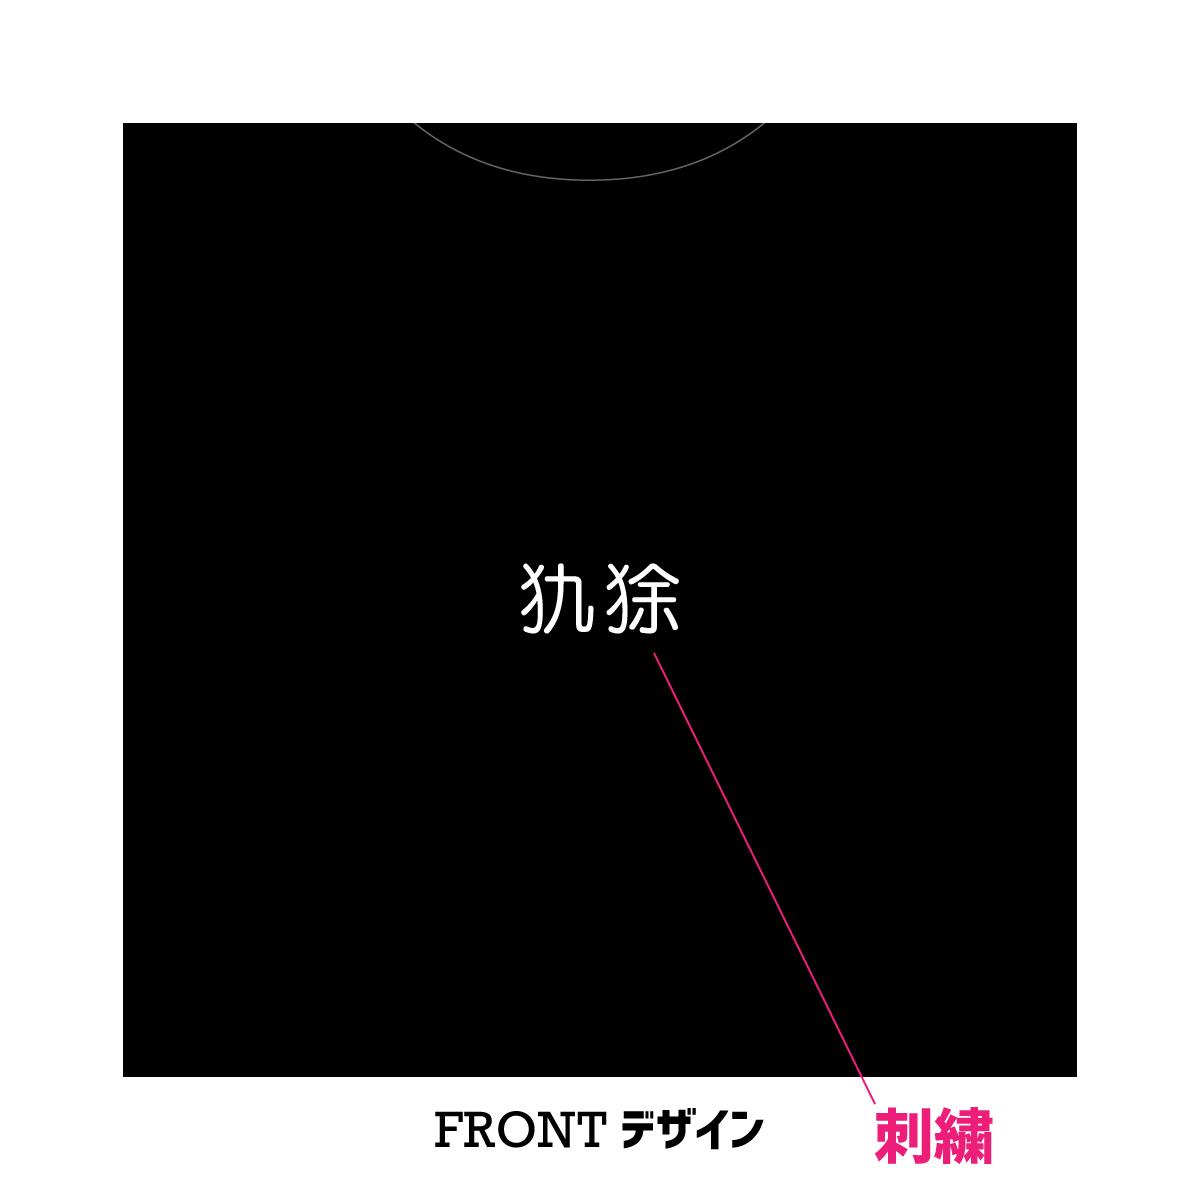 【通常】桜庭大翔プロデュース「アルマジロTシャツ(ブラック)」